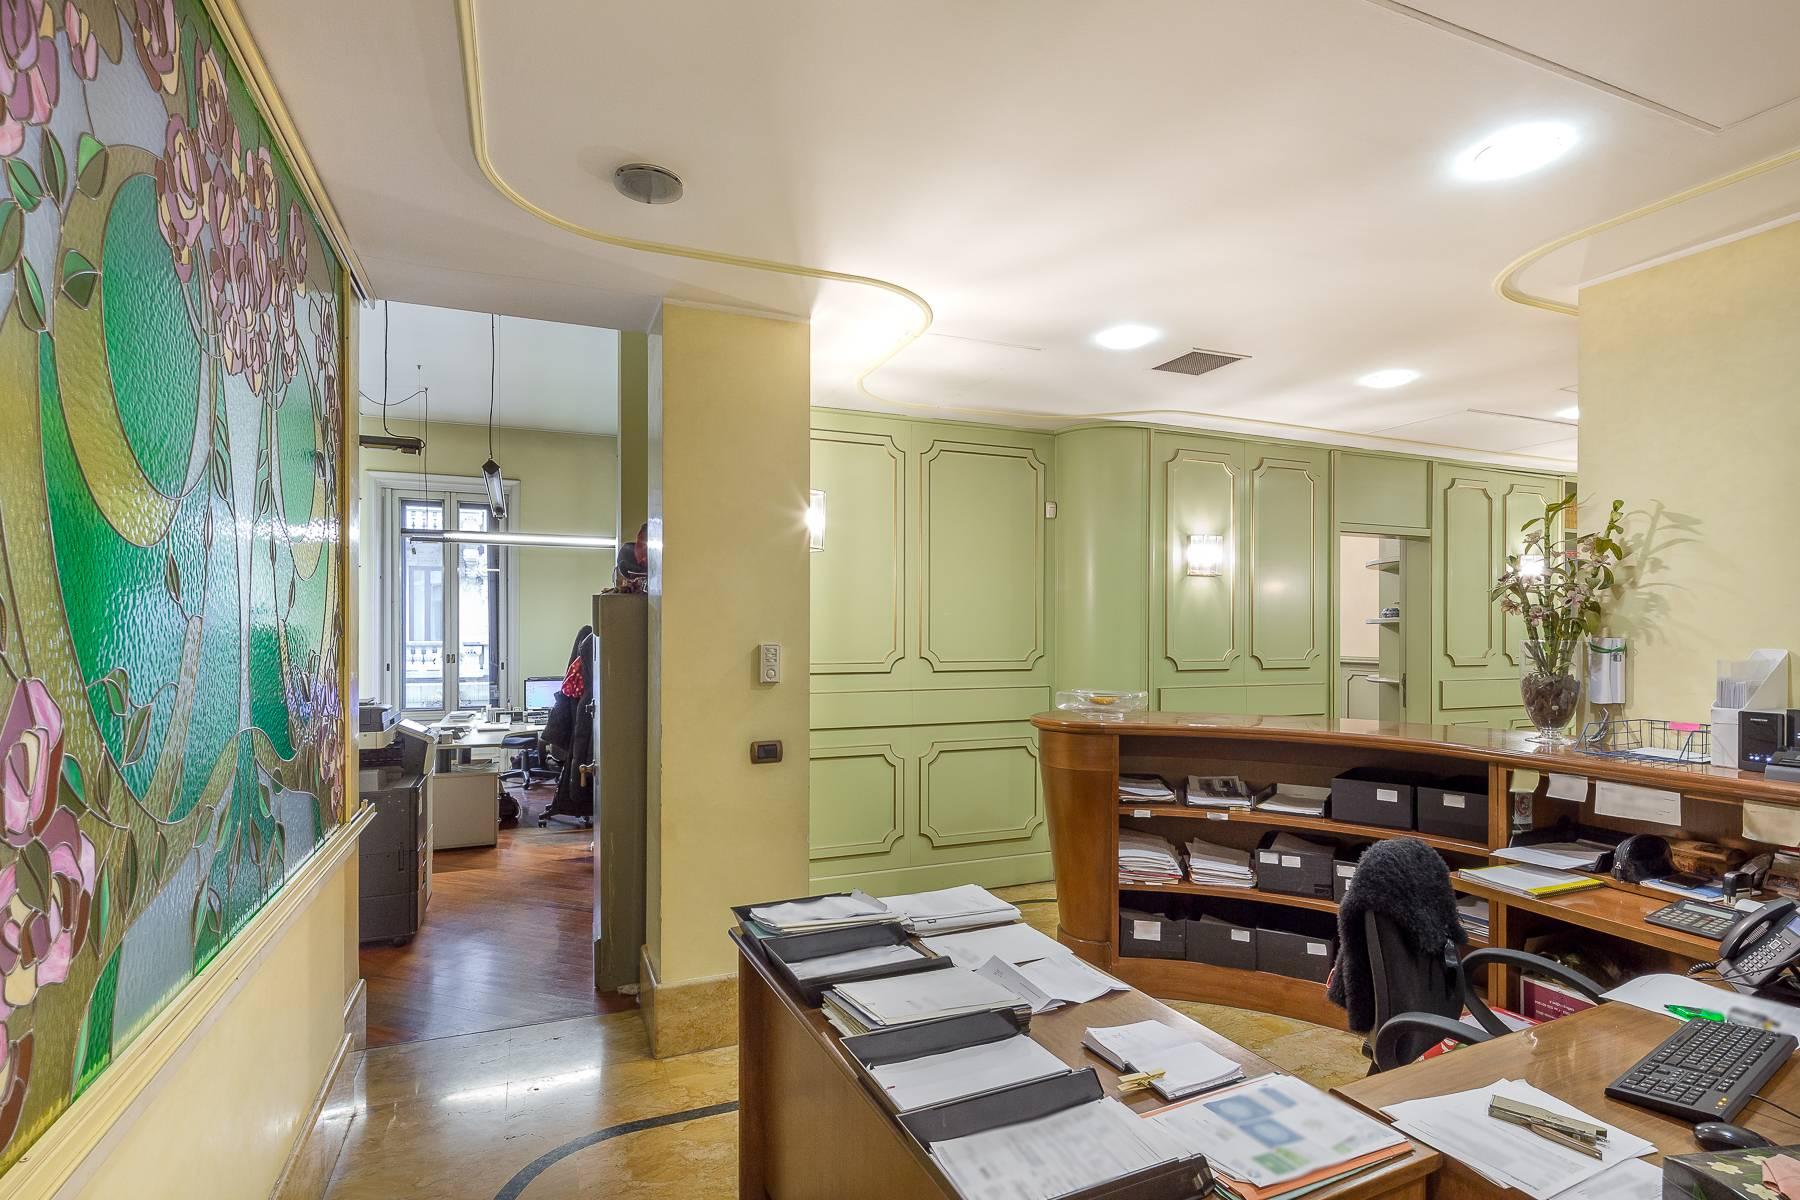 Ufficio-studio in Vendita a Milano: 5 locali, 470 mq - Foto 17